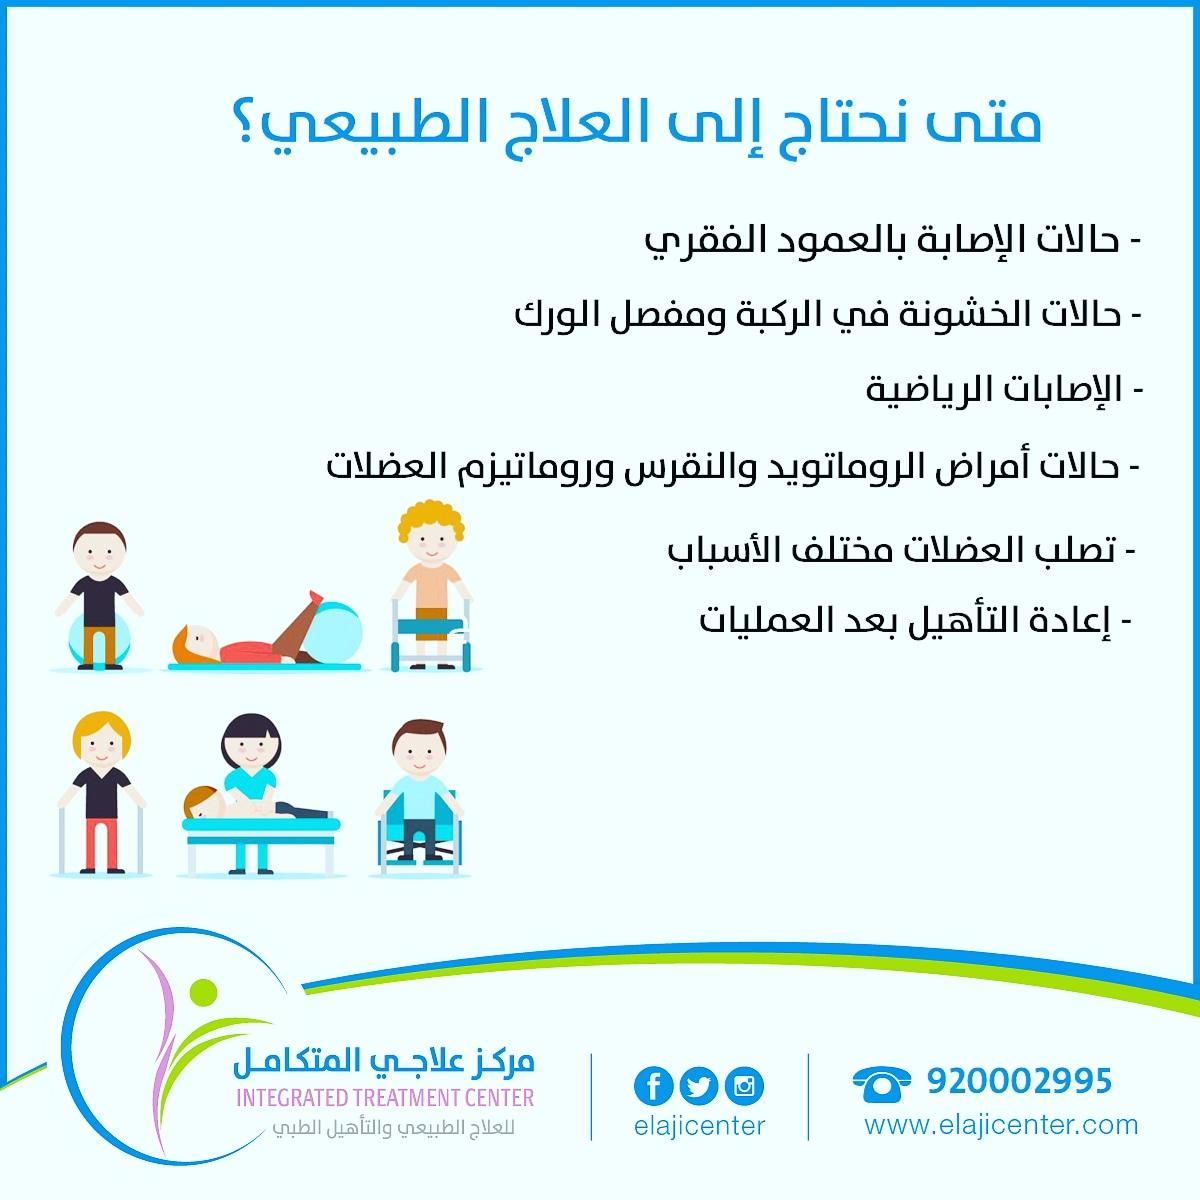 مركز علاجي المتكامل Elajicenter Twitter